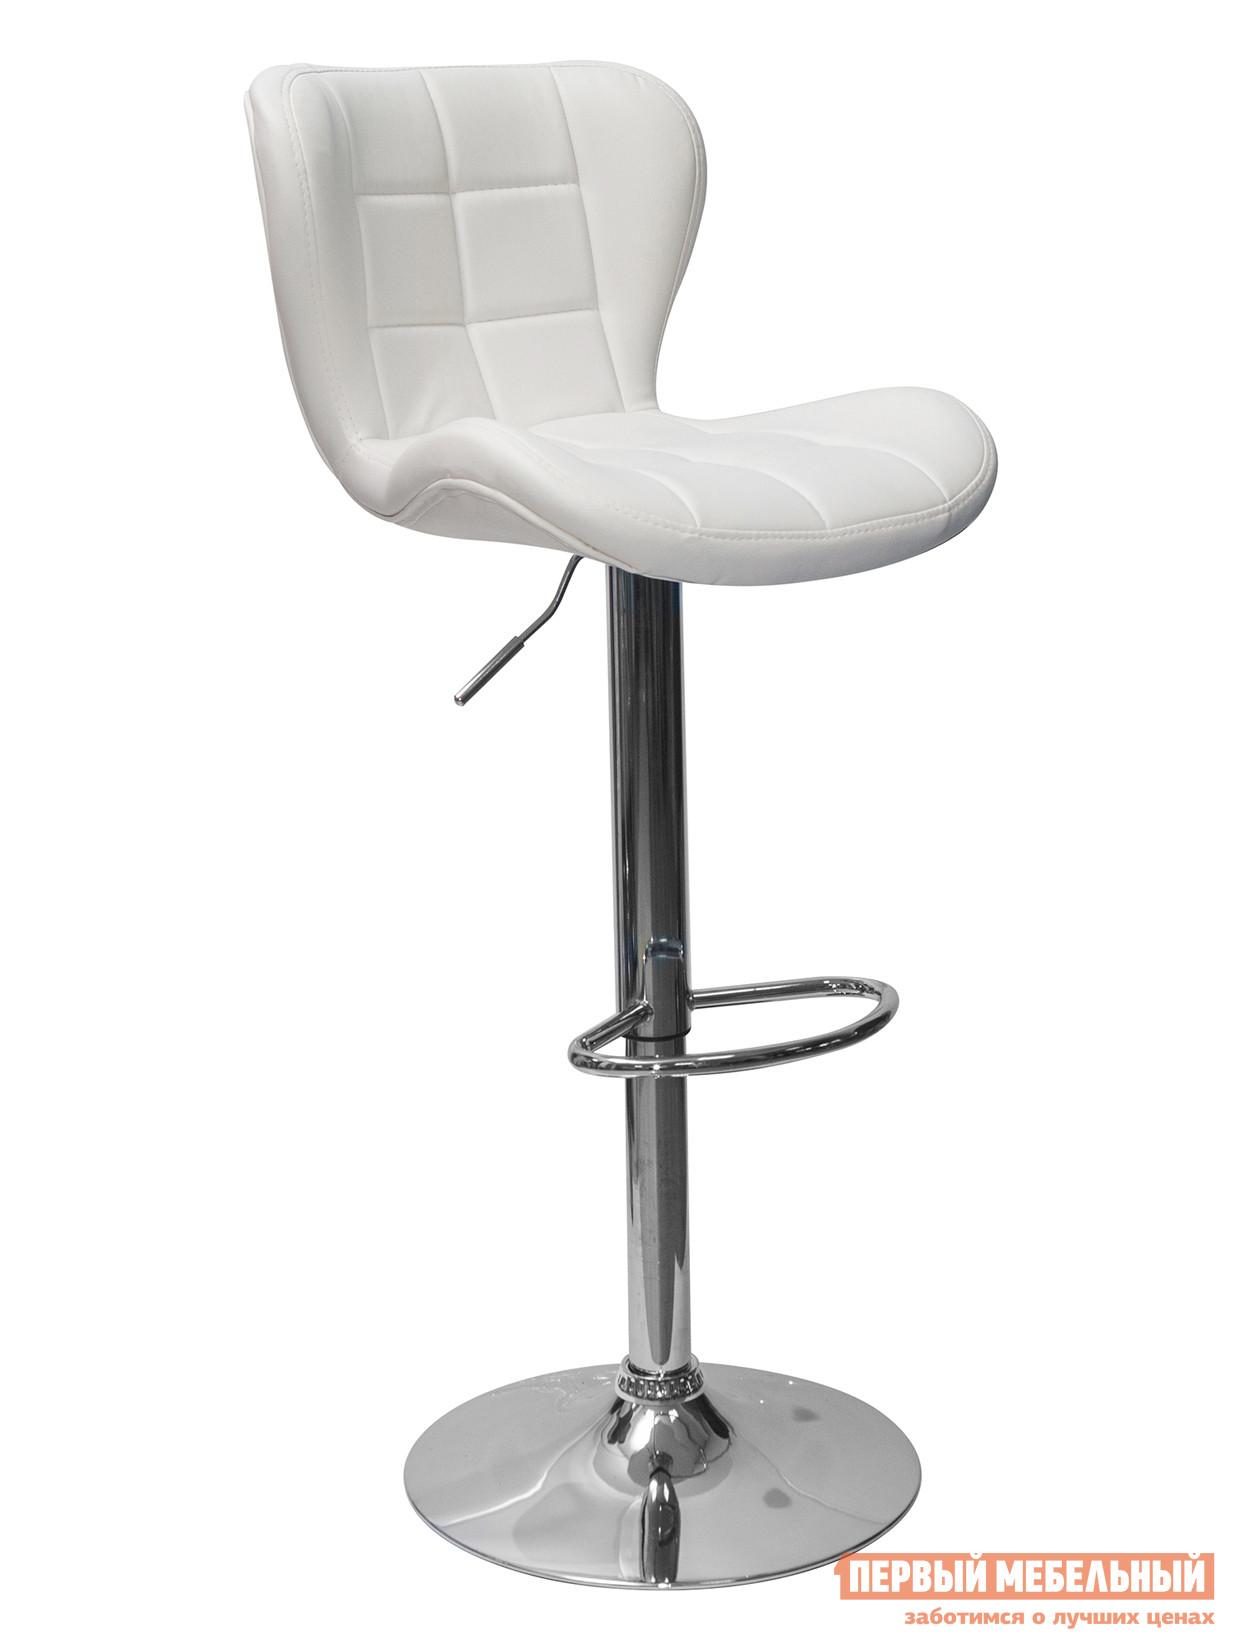 Барный стул Стул барный ПОРШЕ Белый, экокожа фото